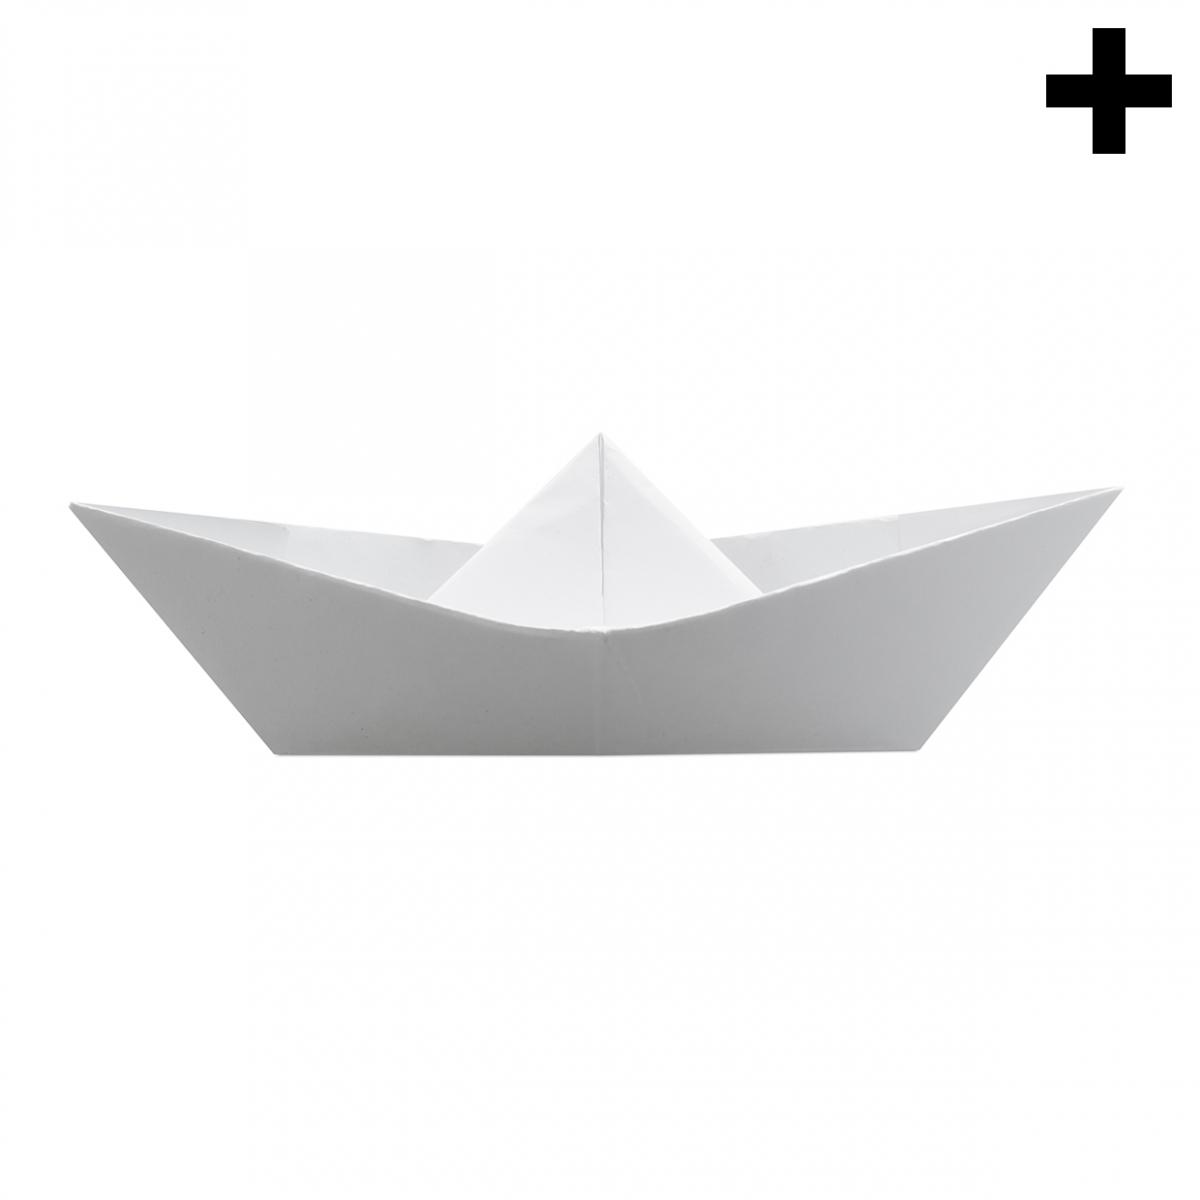 Imagen en la que se ve el plural del concepto barco de papel